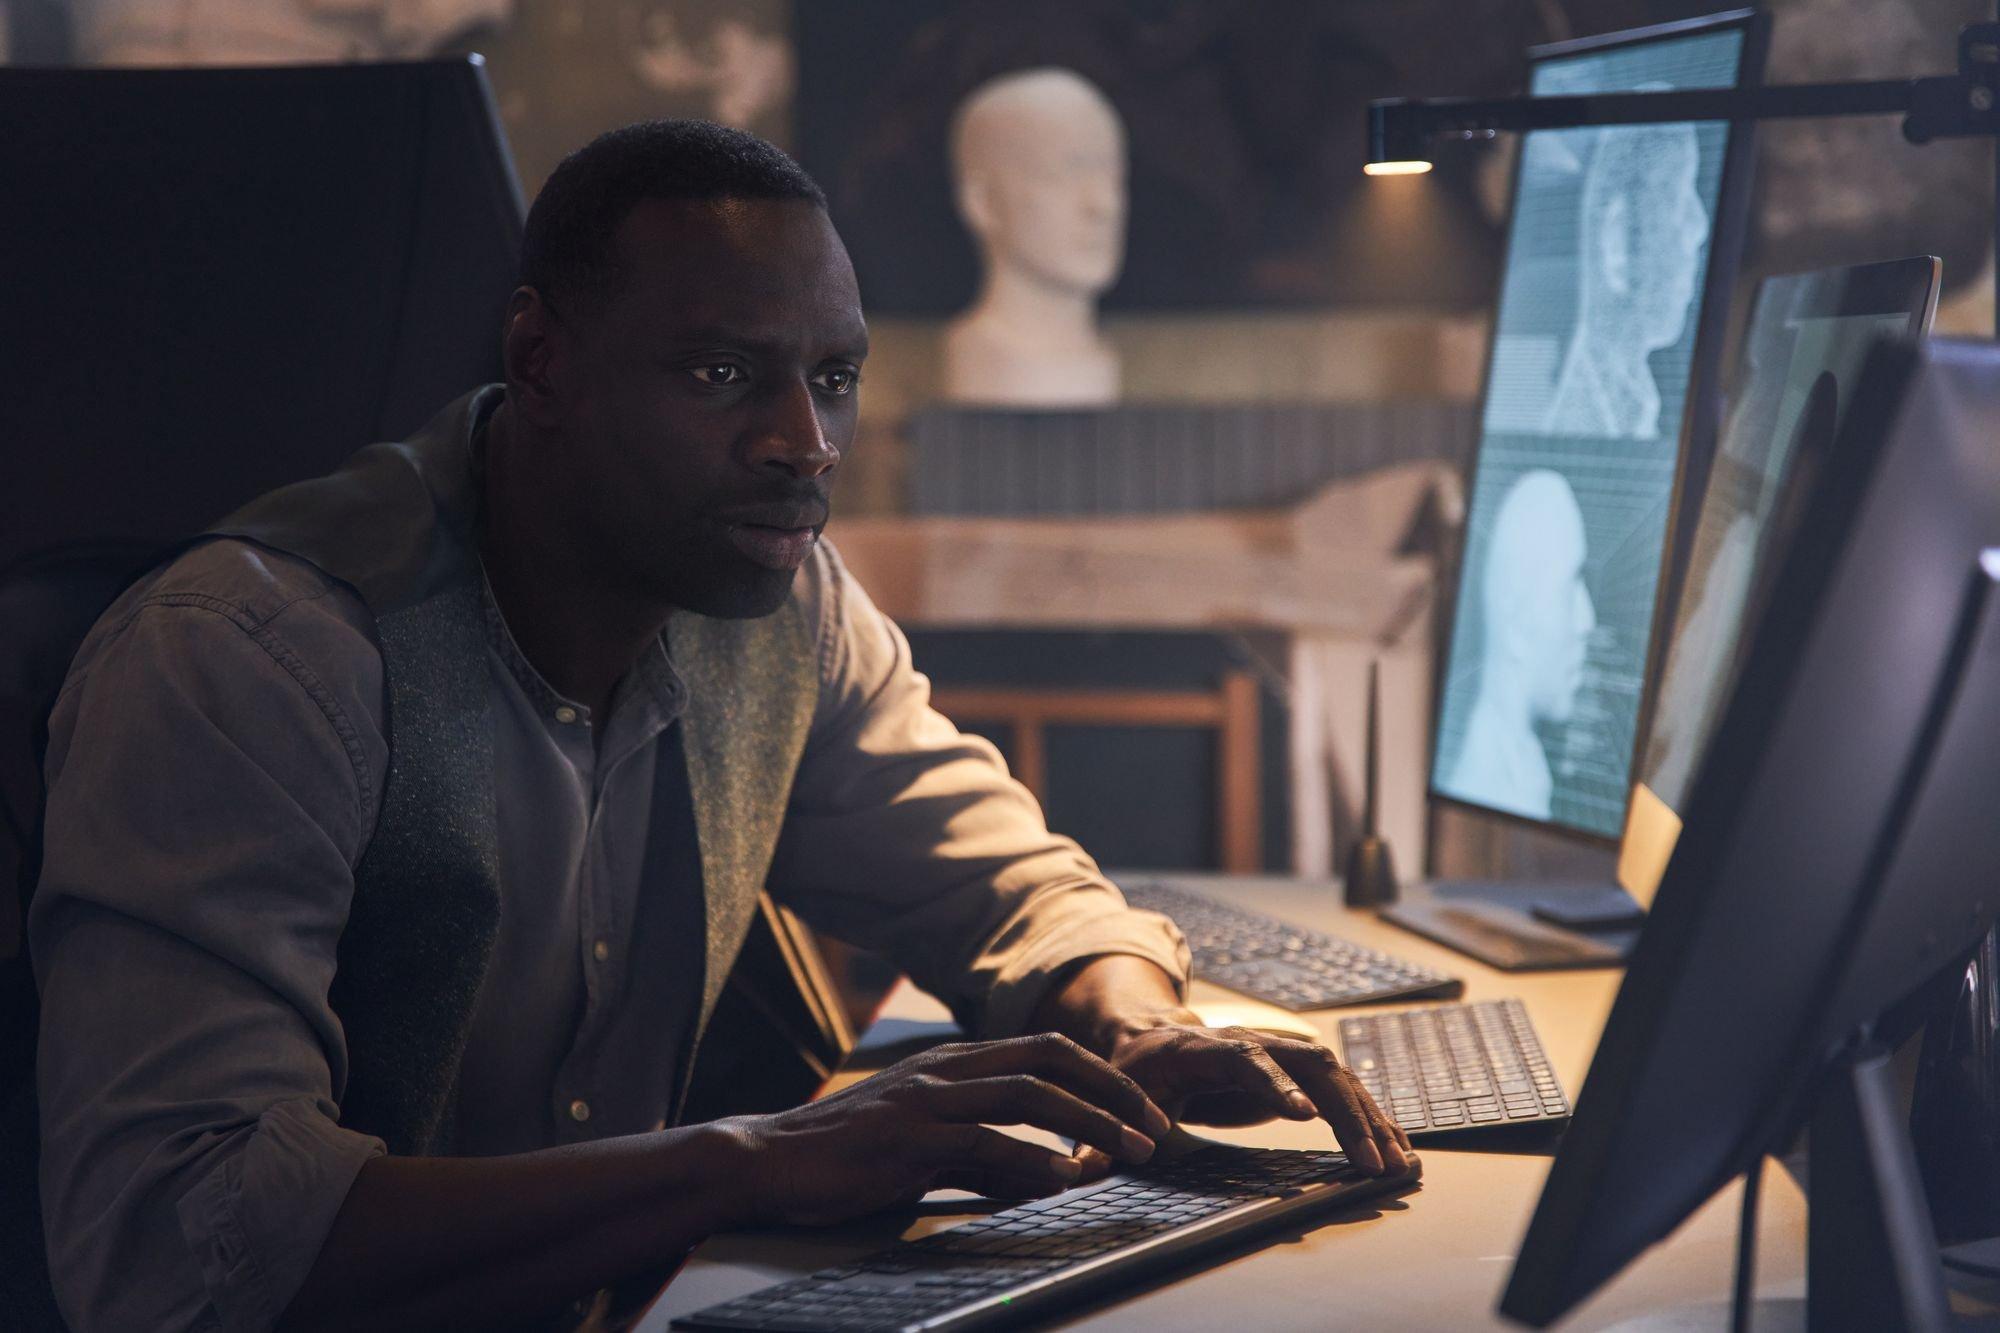 Le personnage de Lupin Omar Sy en photo dans la deuxième partie de la série Netflix